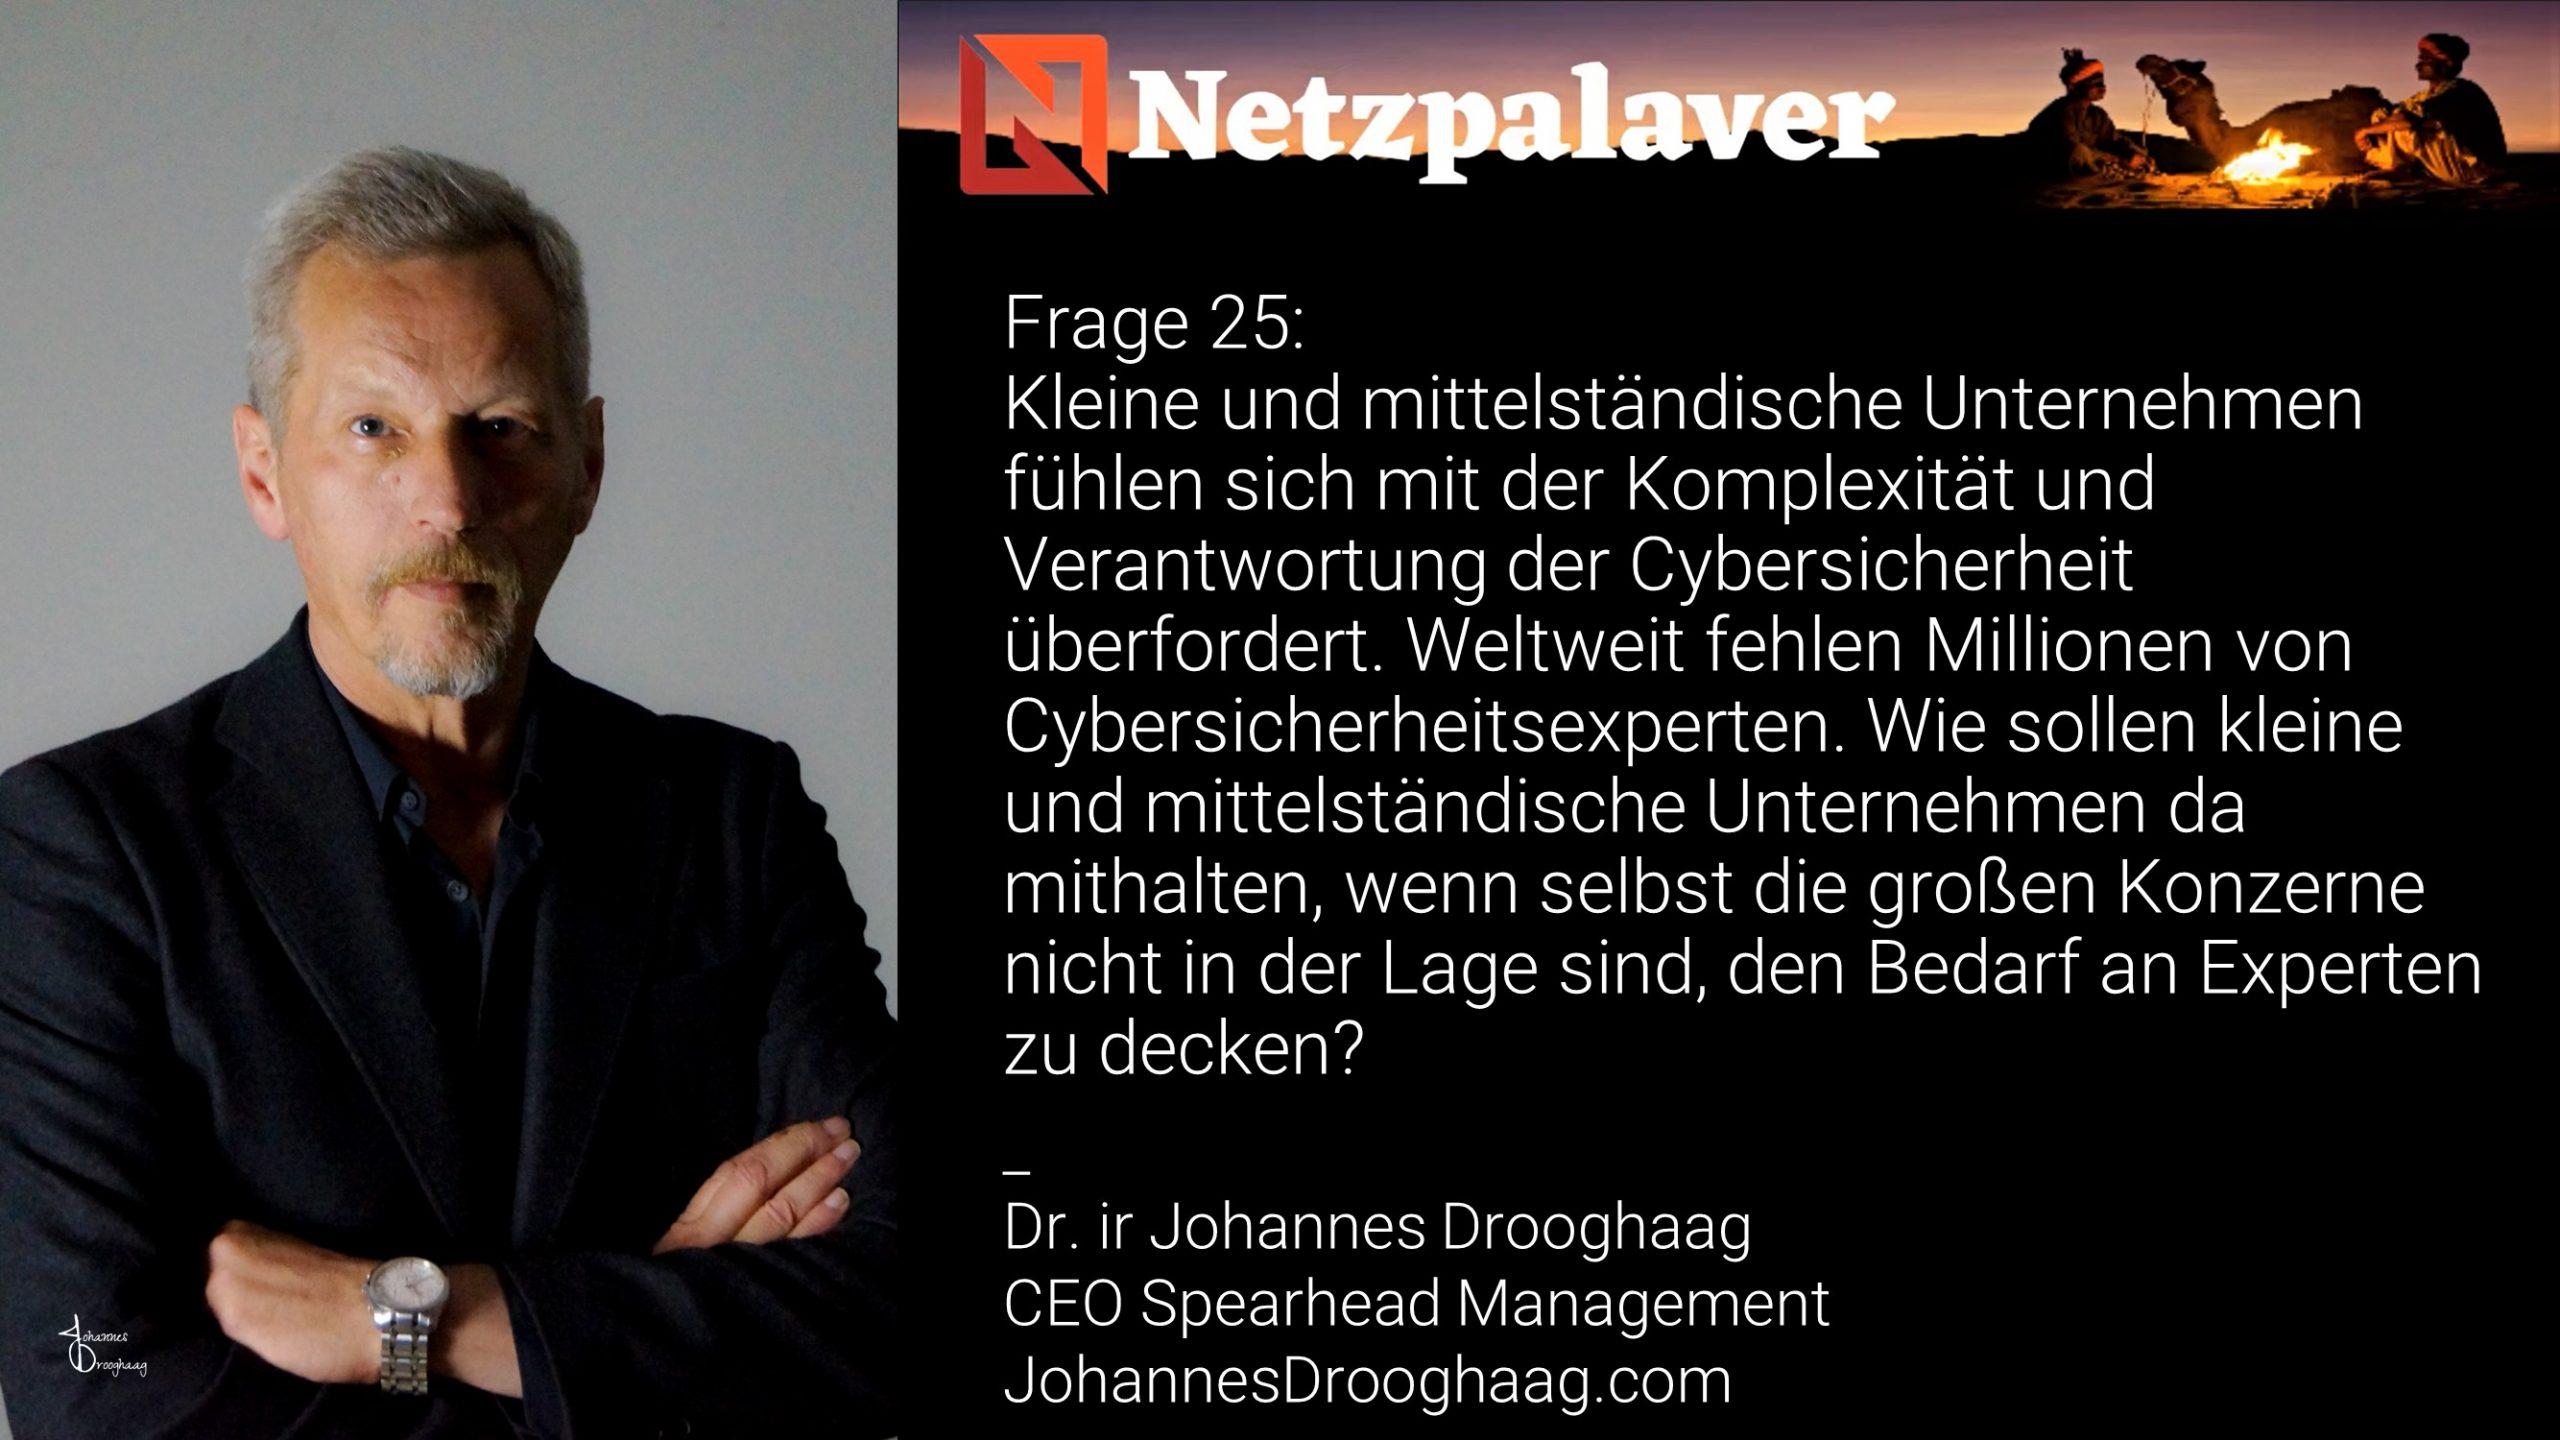 Netzpalaver: Mittelstand und Digitalisierung - Frage 25